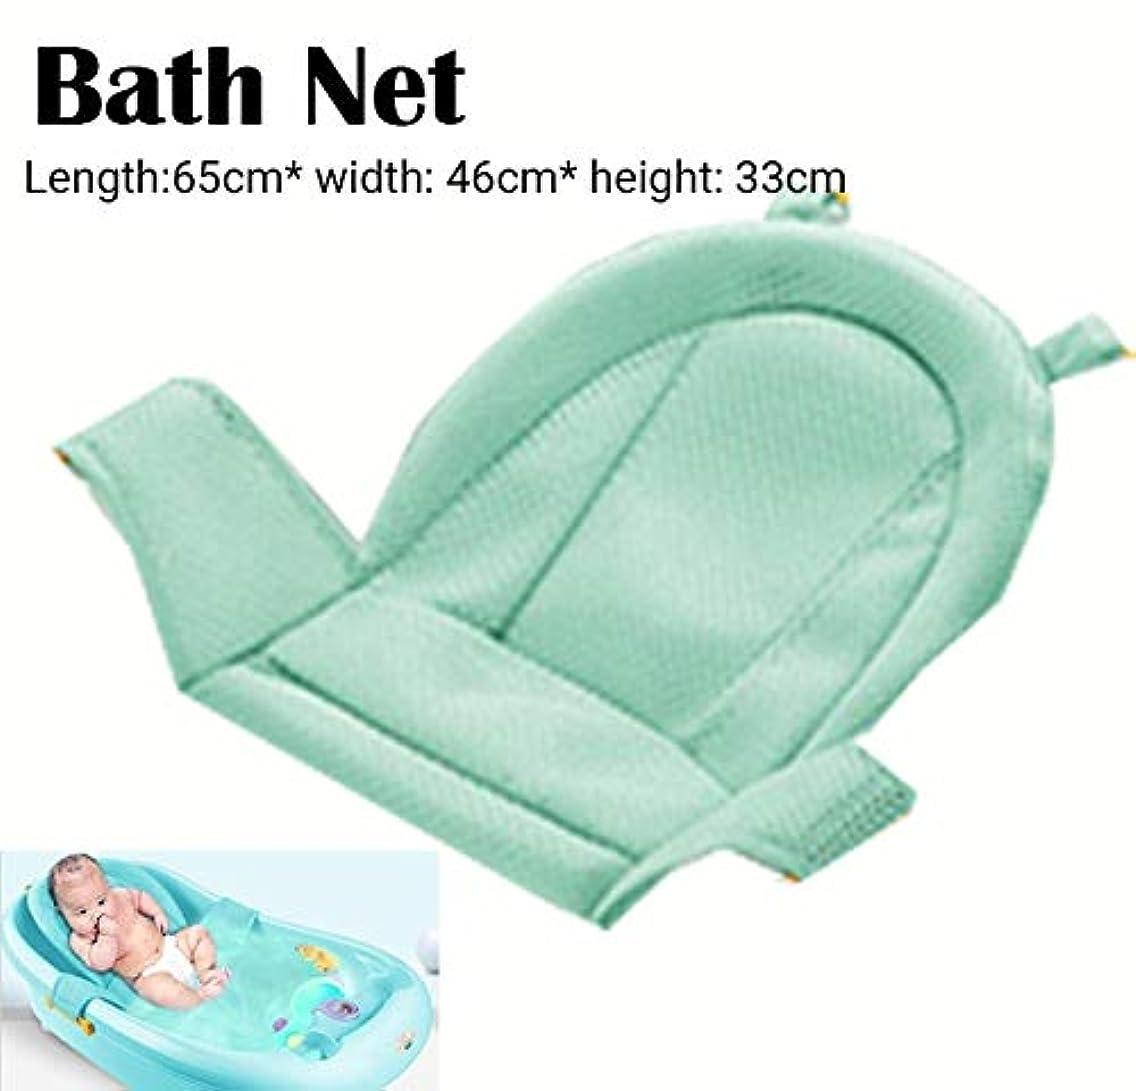 メダルく休憩するSMART 漫画ポータブル赤ちゃんノンスリップバスタブシャワー浴槽マット新生児安全セキュリティバスエアクッション折りたたみソフト枕シート クッション 椅子